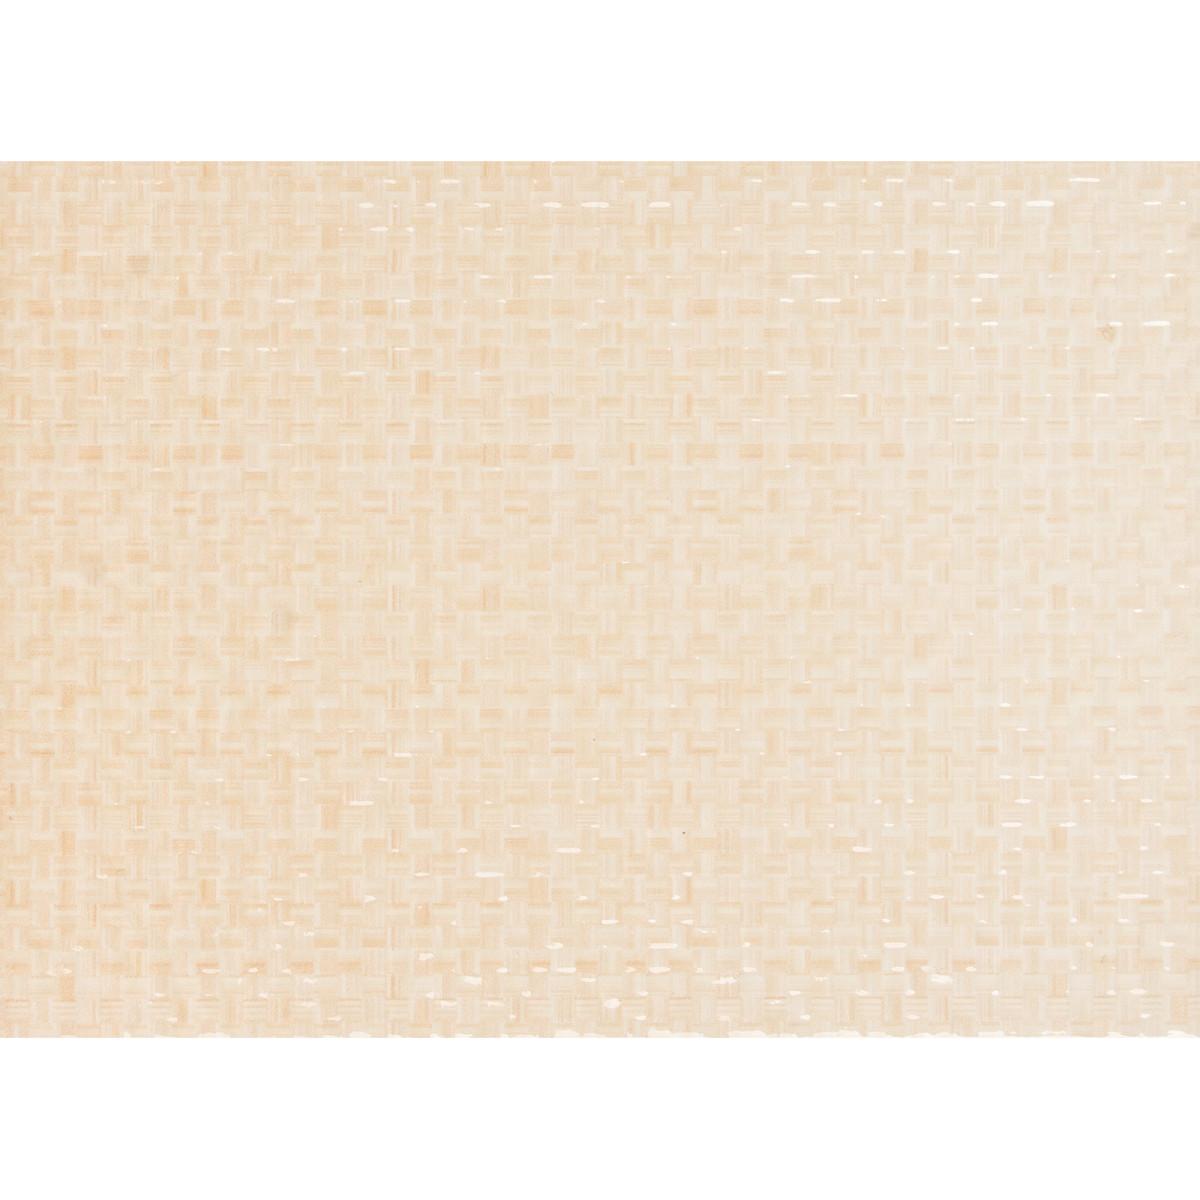 Плитка настенная Космея 28х40 см 1.232 цвет светло-бежевый